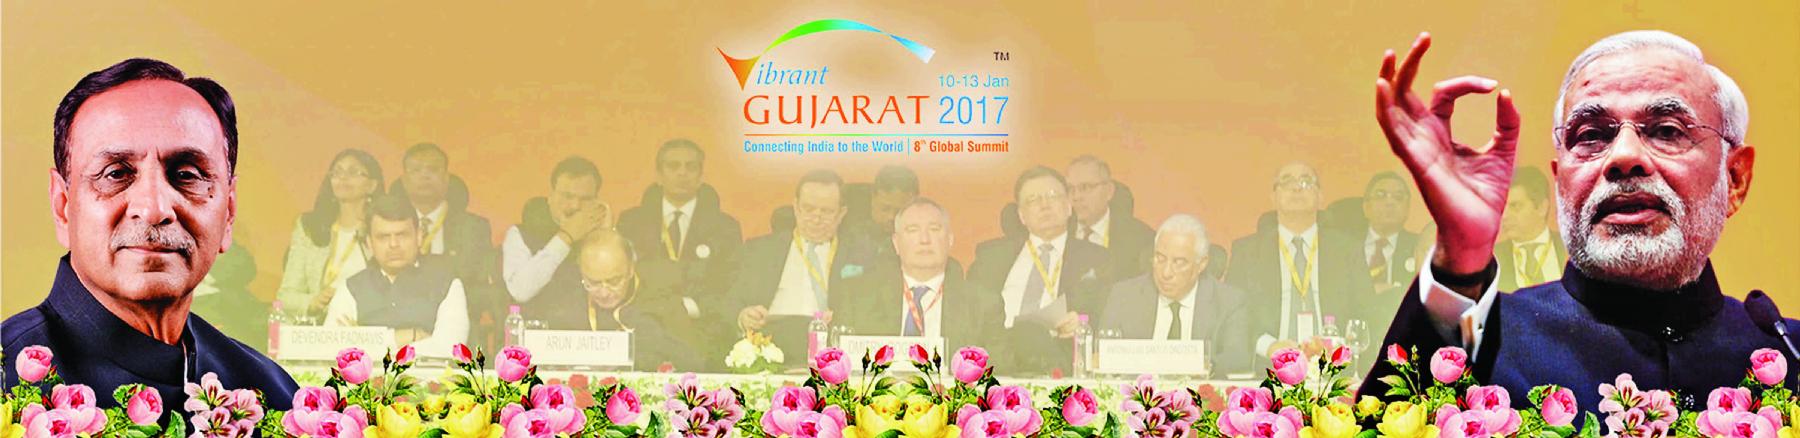 વાયબ્રન્ટ સમિટ : ગુજરાતને શું મળશે ?